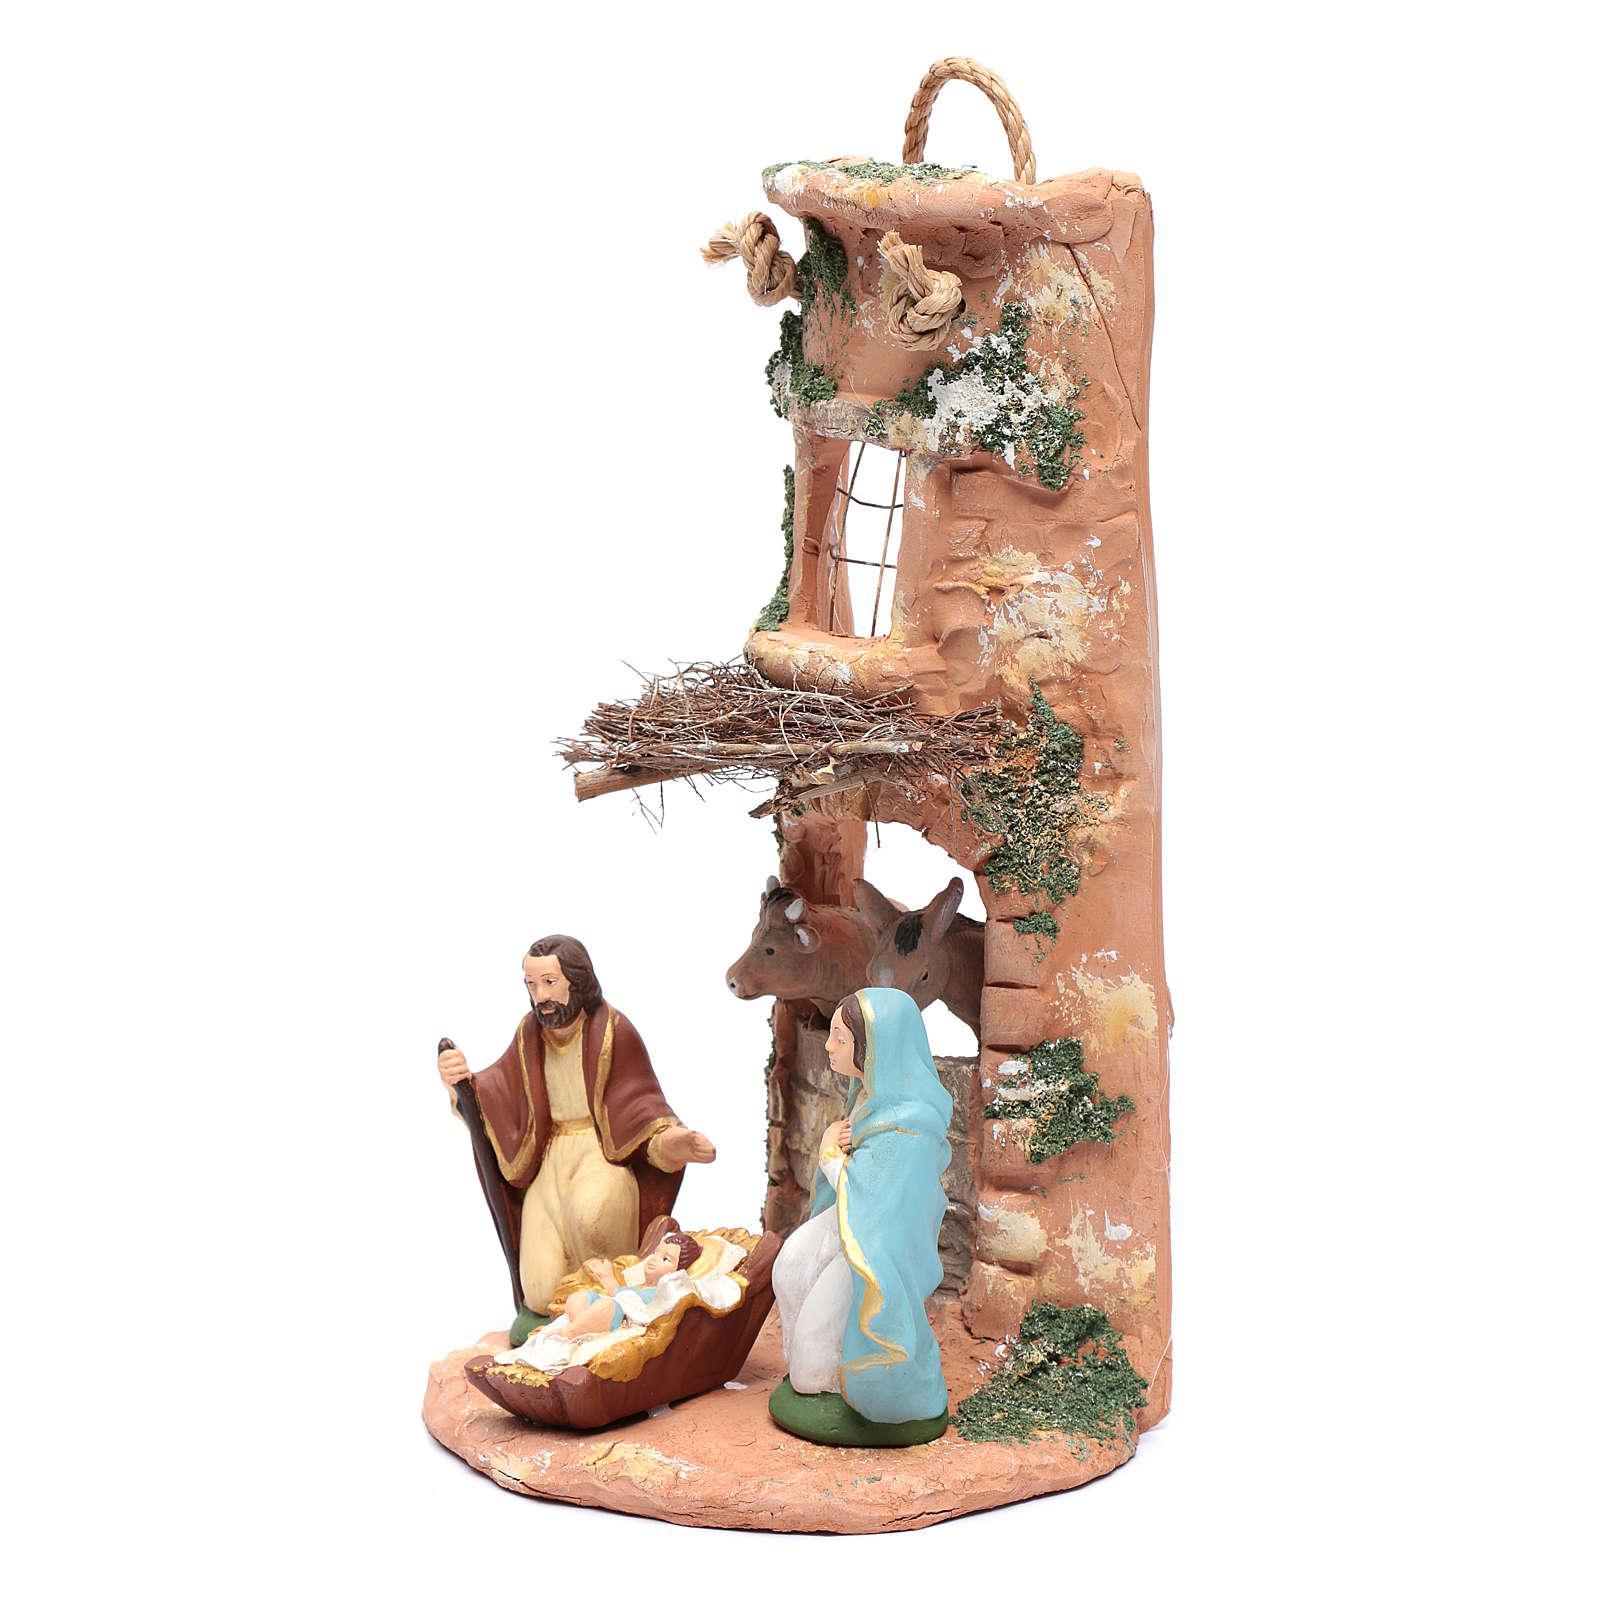 Coppo presepe terracotta con fascina Deruta 35 cm 4